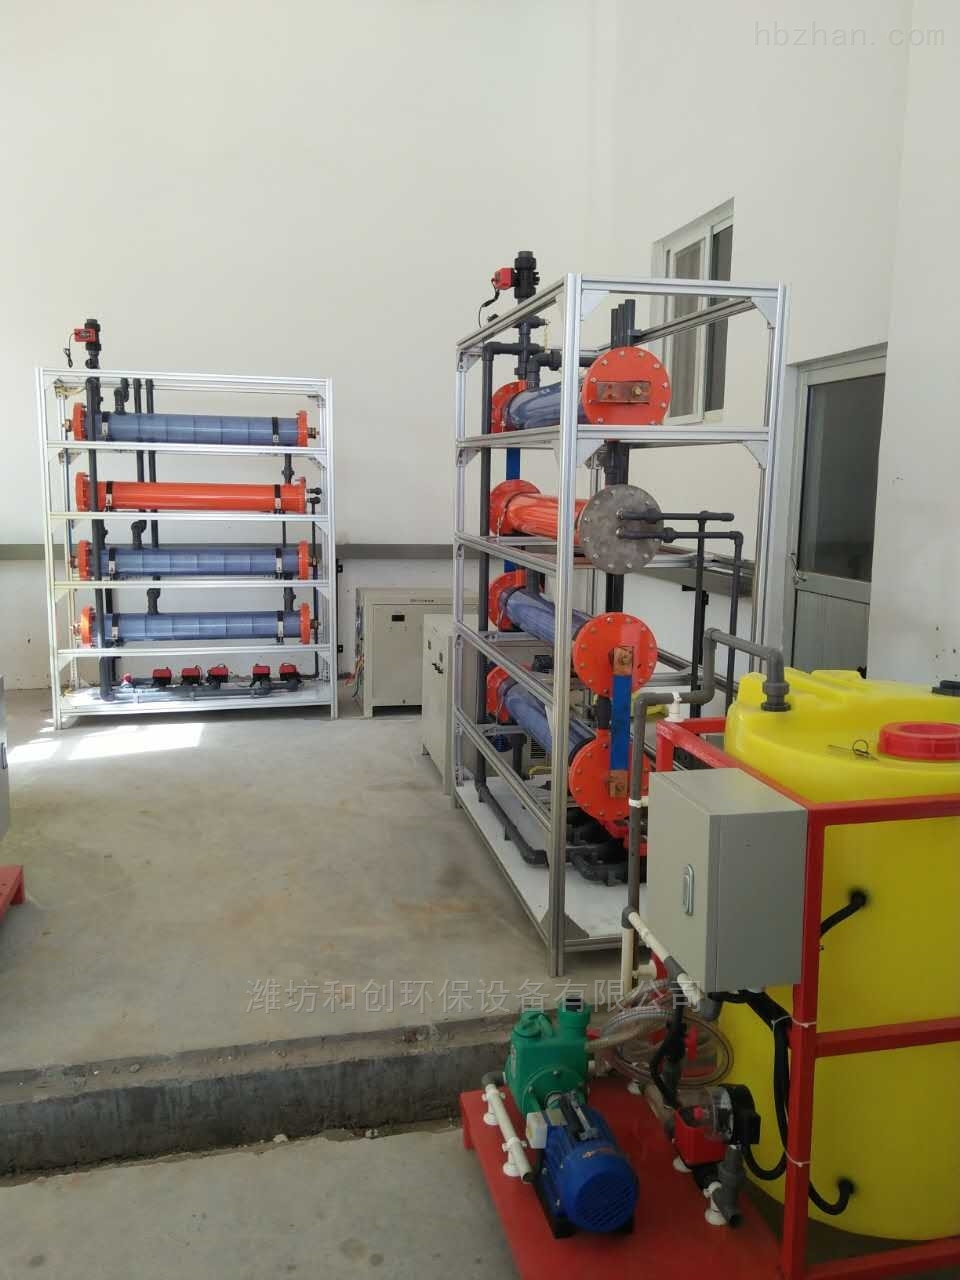 大型农村饮用水消毒次氯酸钠发生器选型